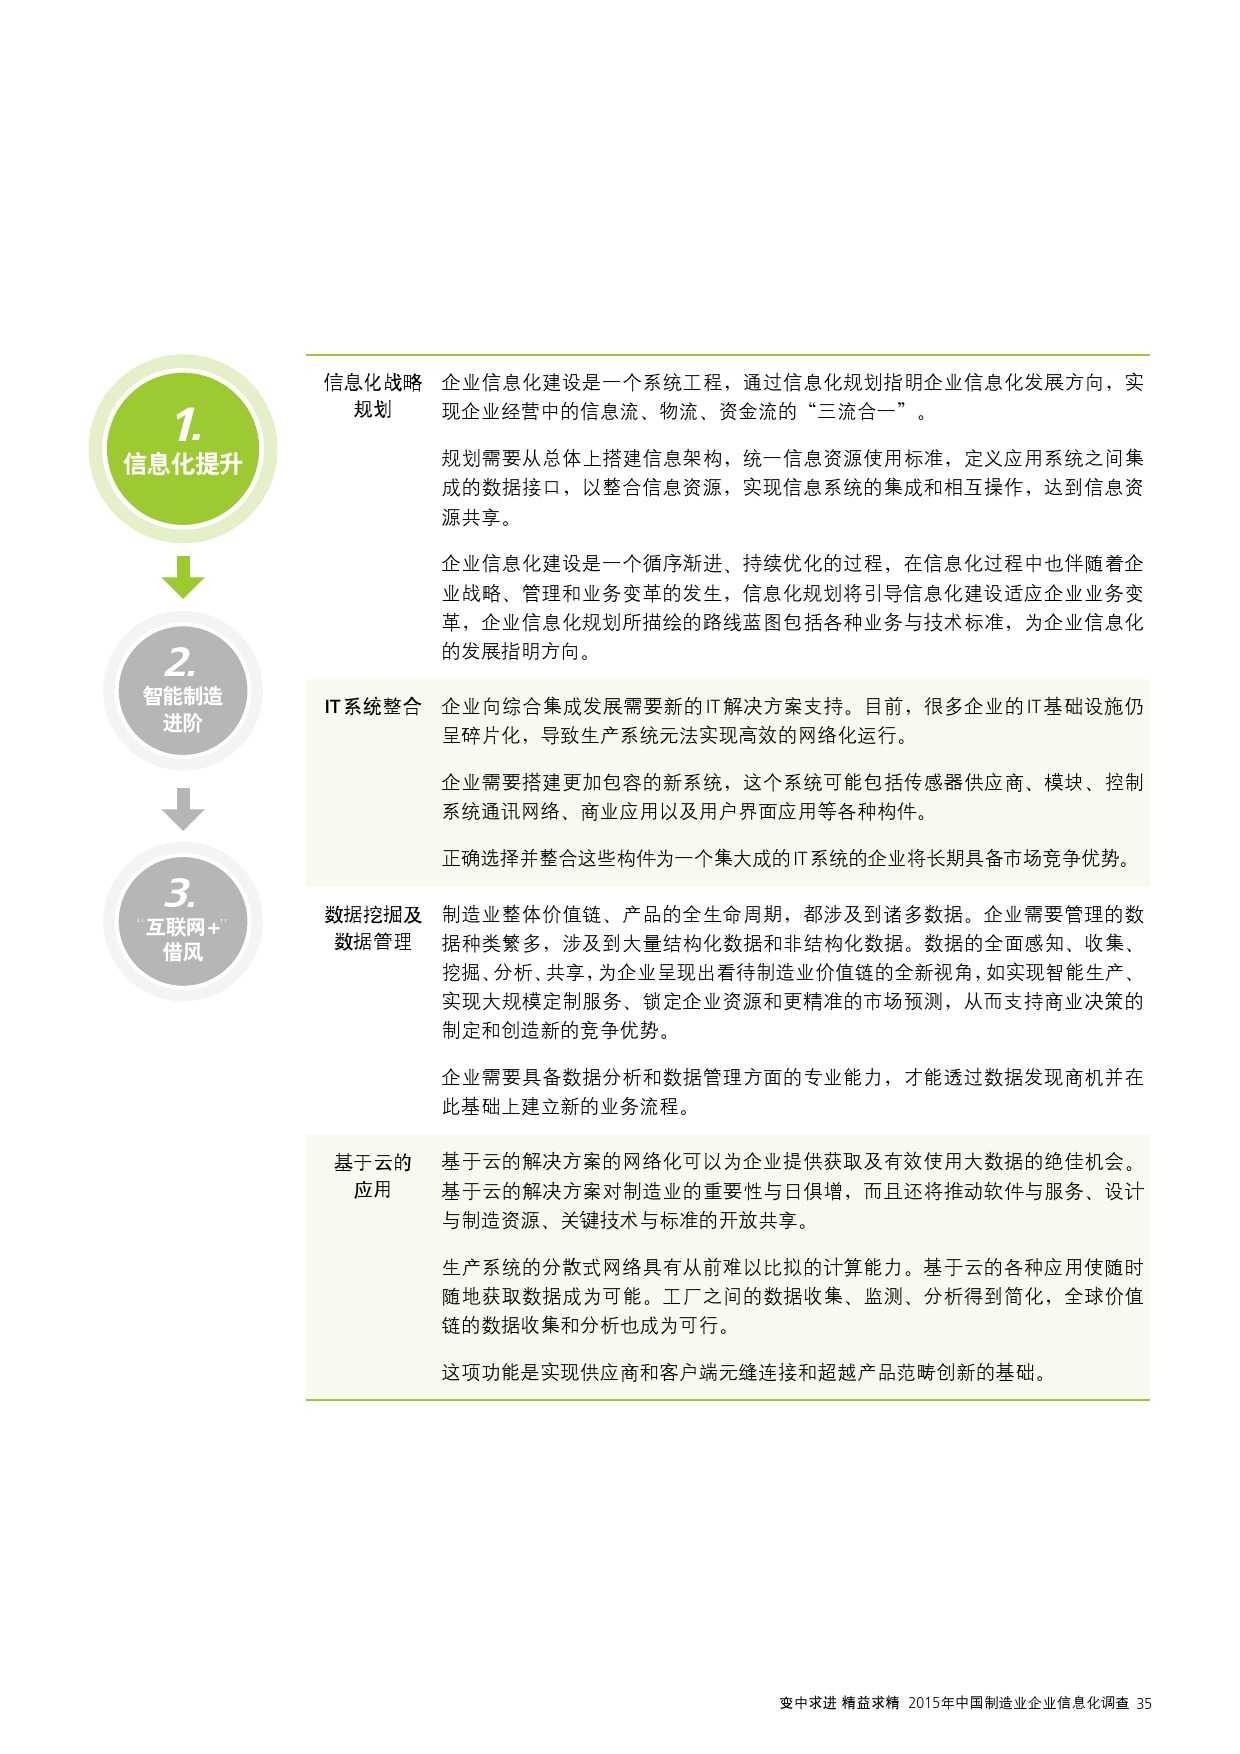 2015年中国制造业企业信息化调查_000037